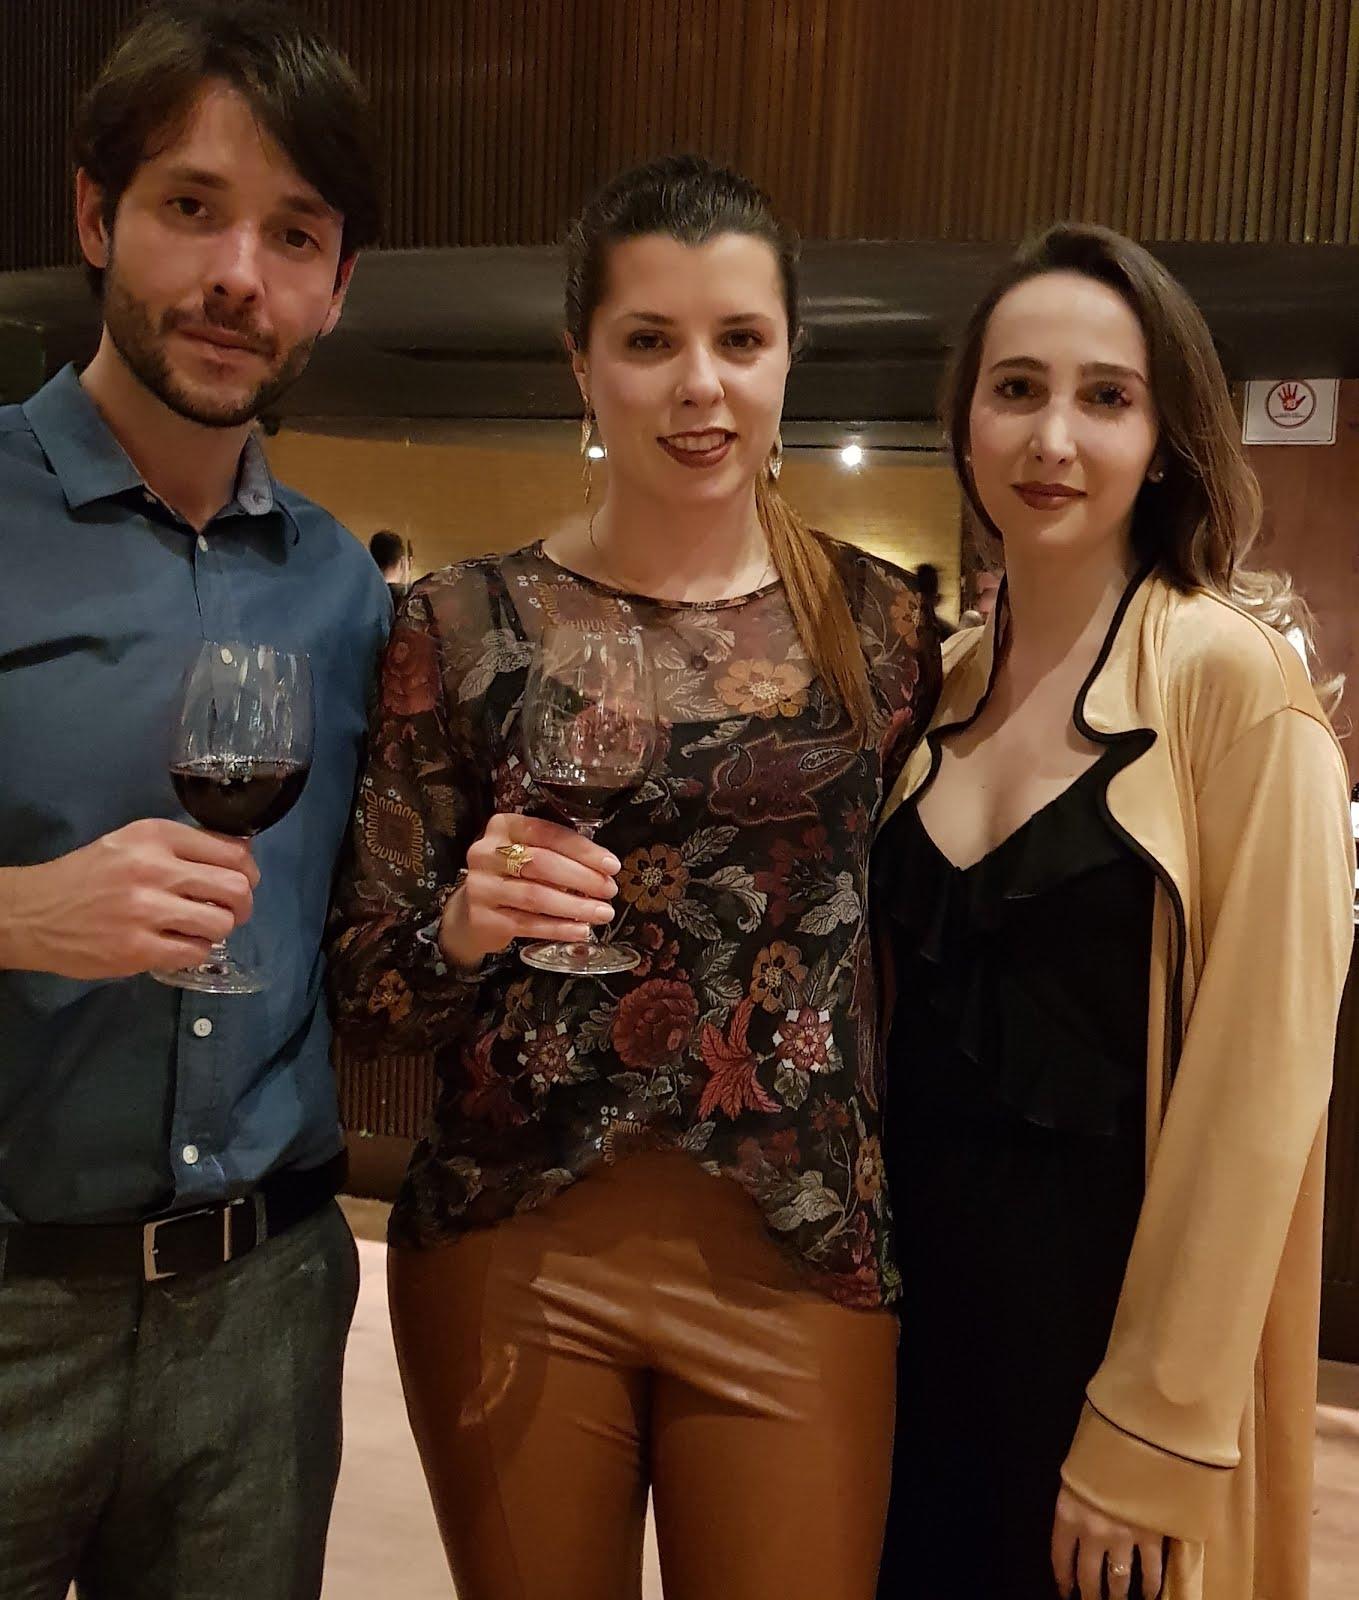 Momento com Matheus Bazan CEO da BEV GROUP e com Natasha Gonda da Evino